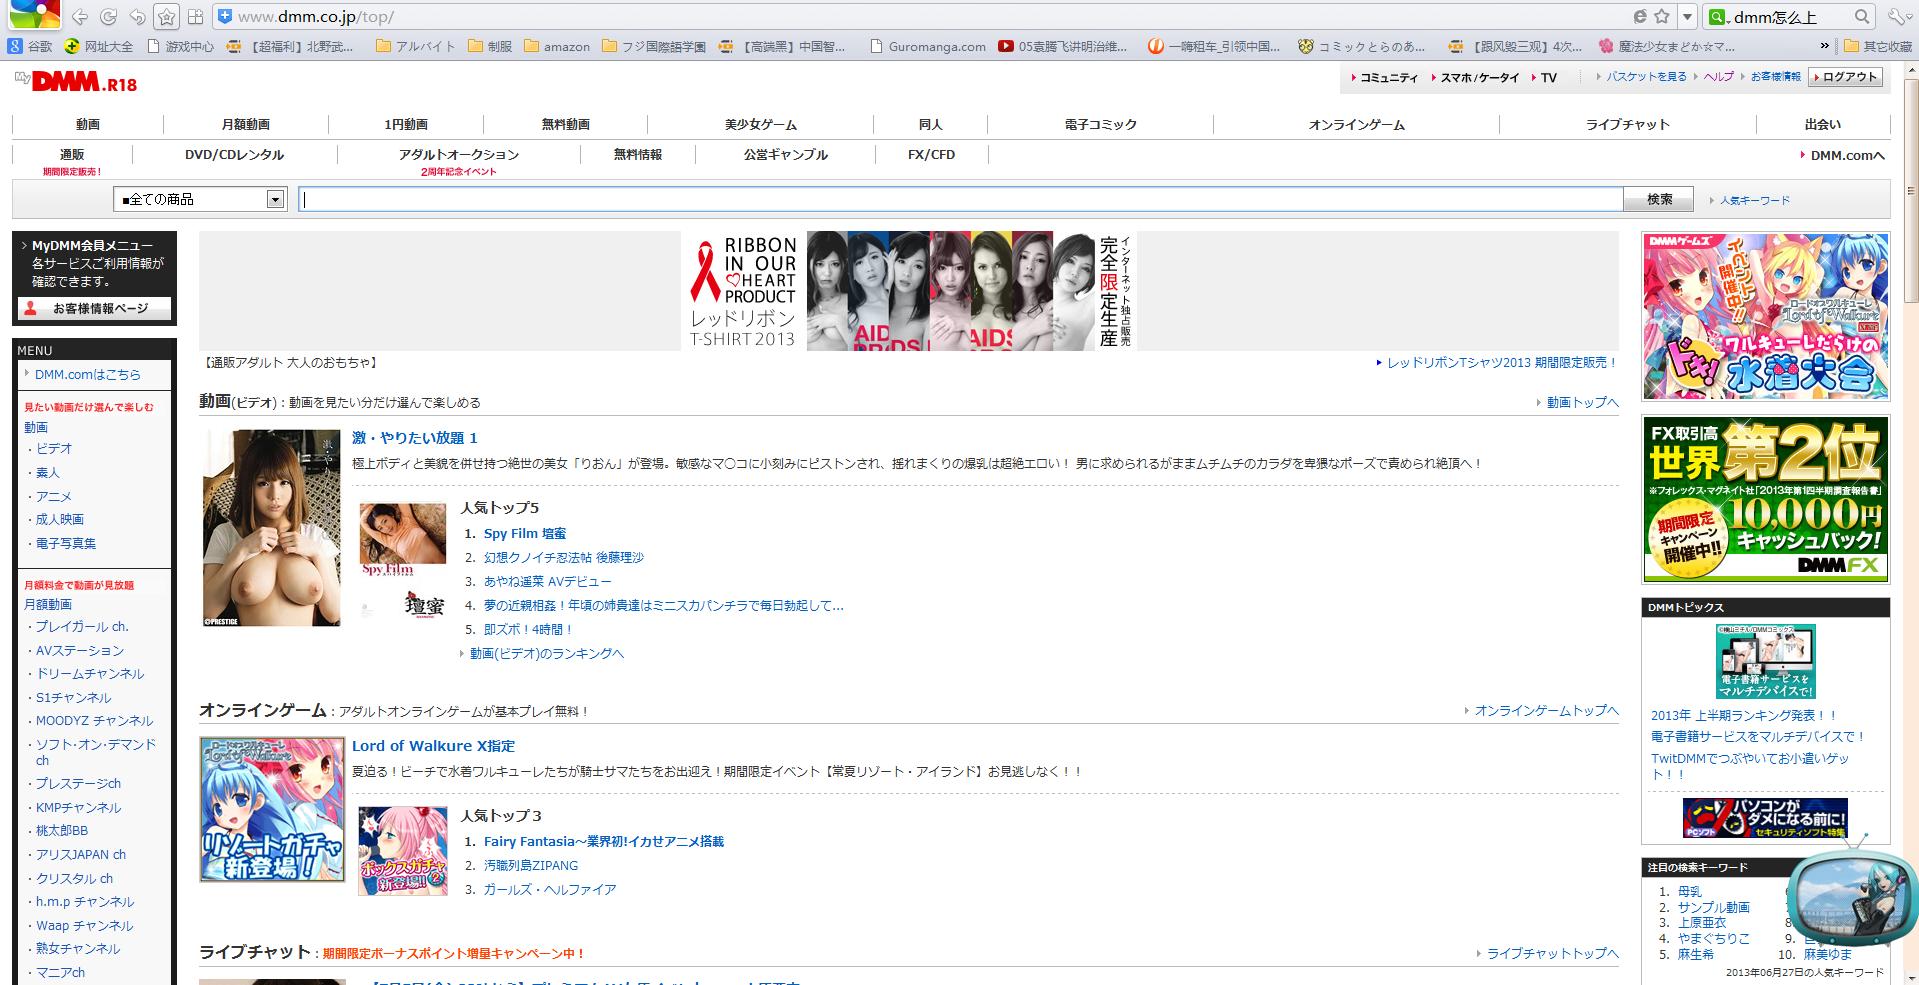 墙日本网站你懂的_日本ooxx网站你懂的_日本网站_日本 ...